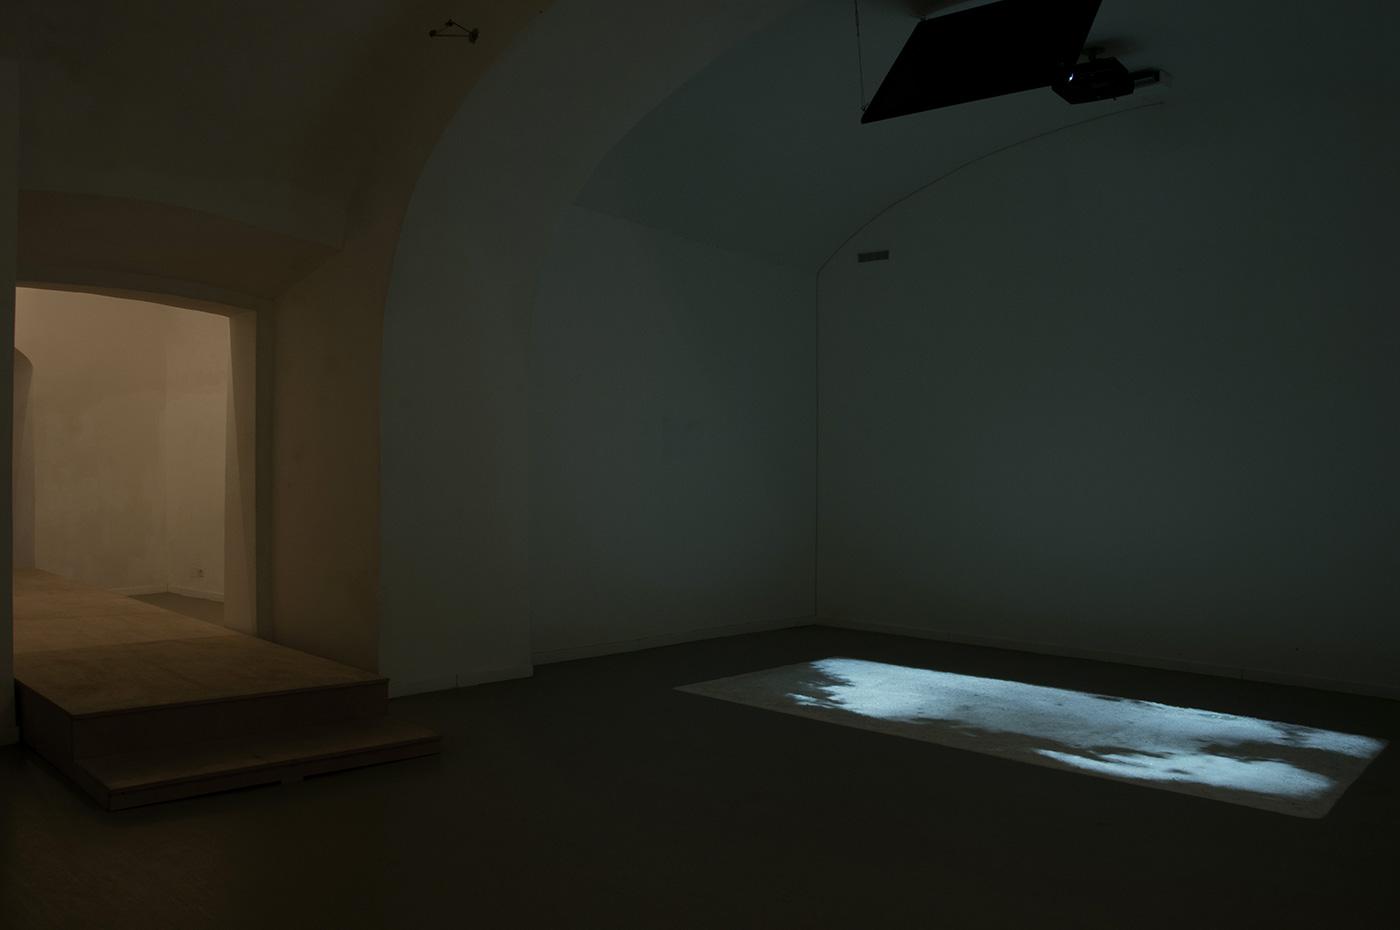 project room 93,248 m³ video-animation, sea salt. 2013